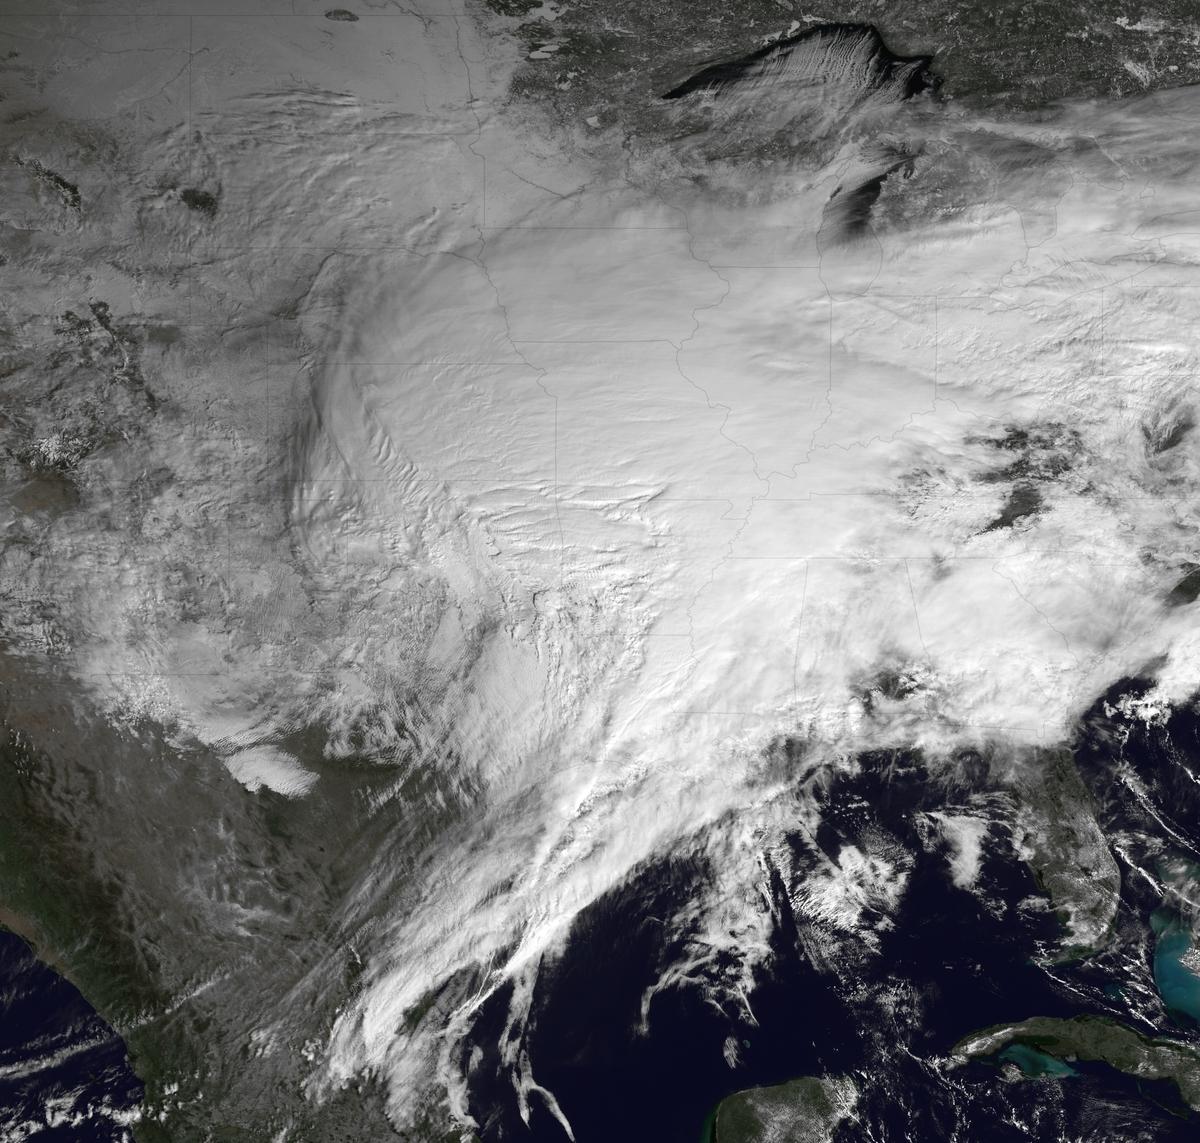 2018和2019年新舊交替之際,美國中西部、南部和東部的大部份地區遭遇冬季風暴侵襲。 (Photo by NOAA via Getty Images)